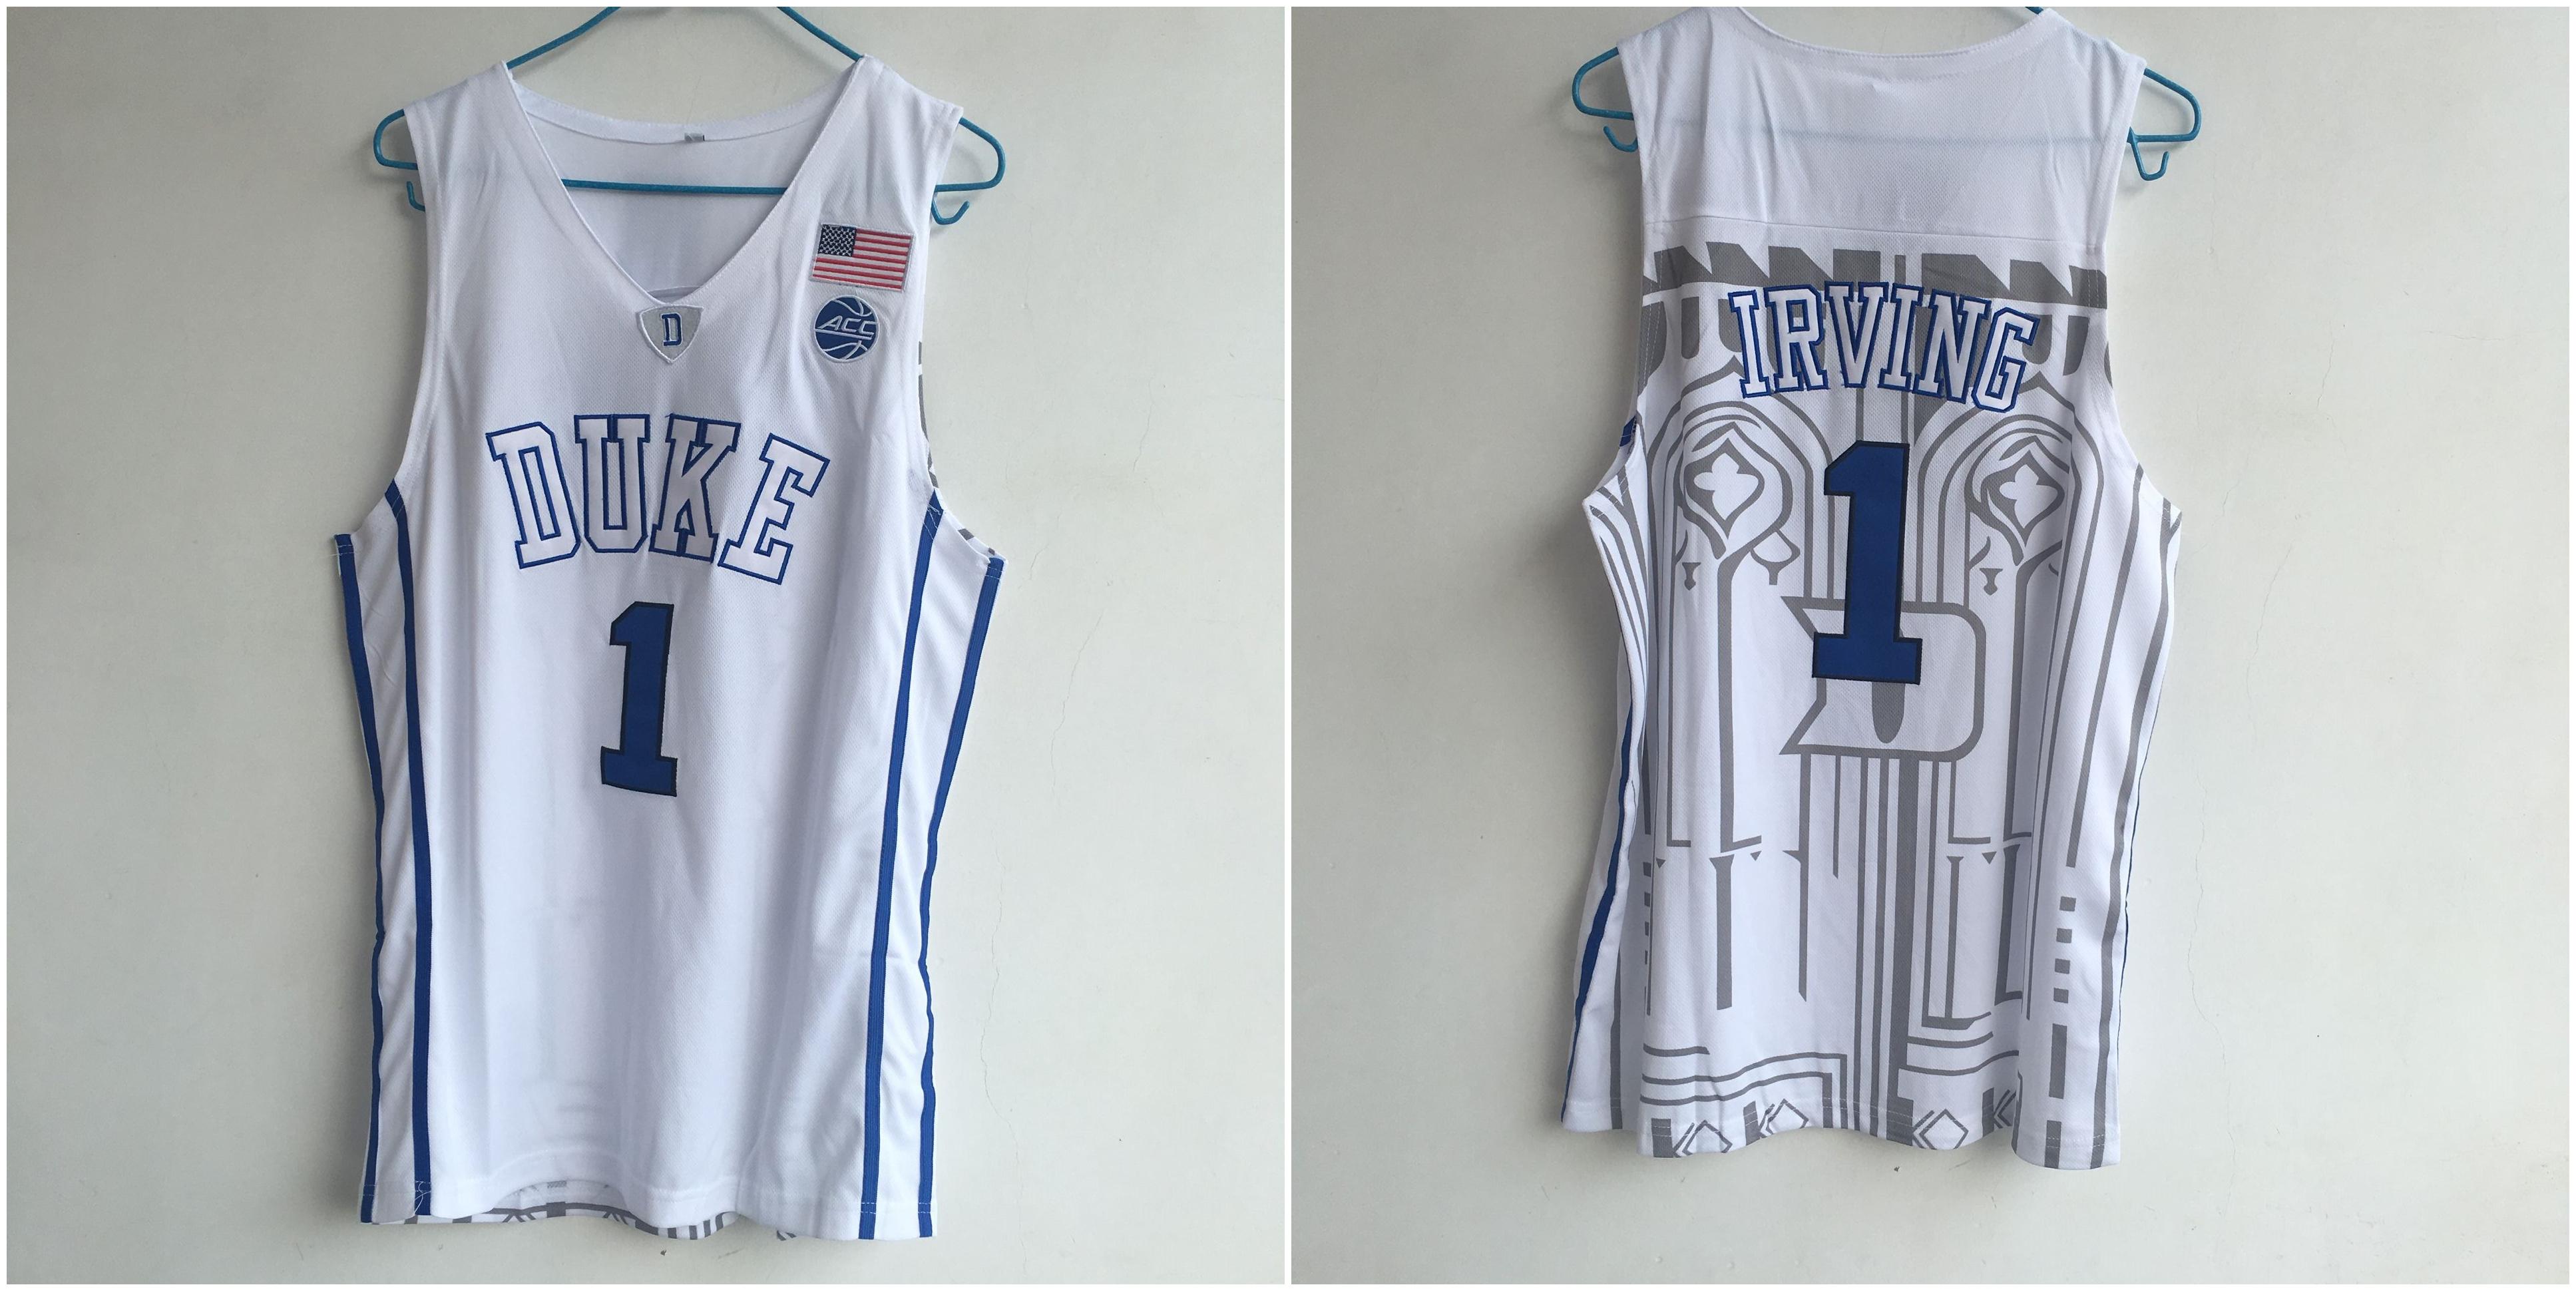 Duke Blue Devils 1 Kyrie Irving White College Basketball Jersey